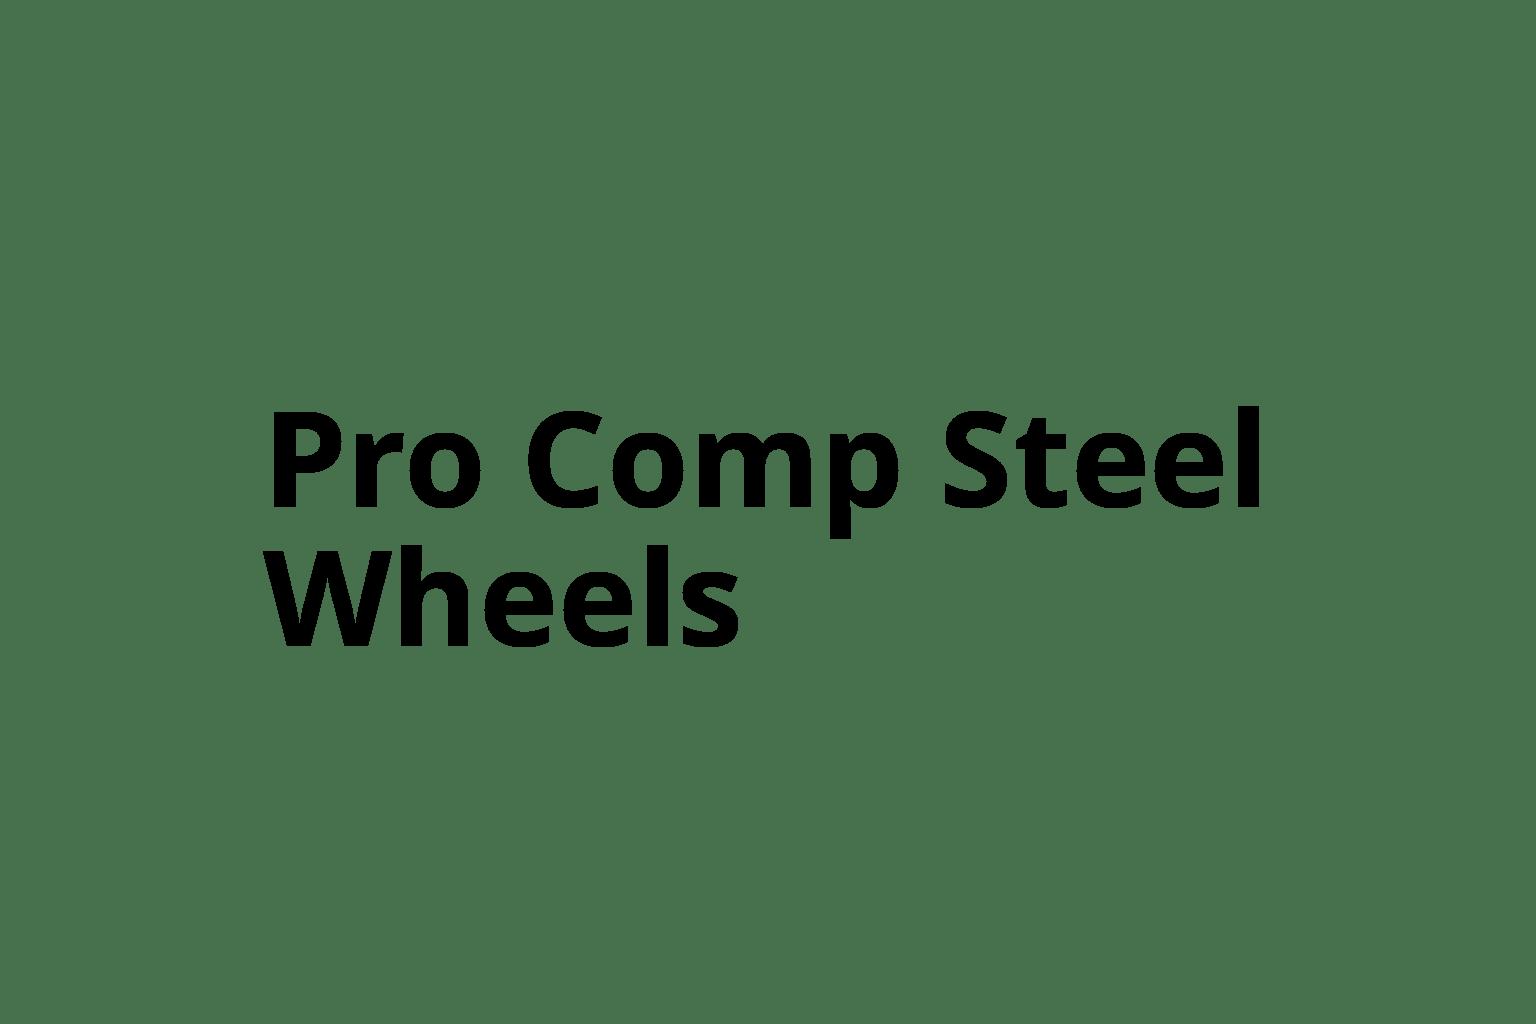 Pro Comp Steel Wheels